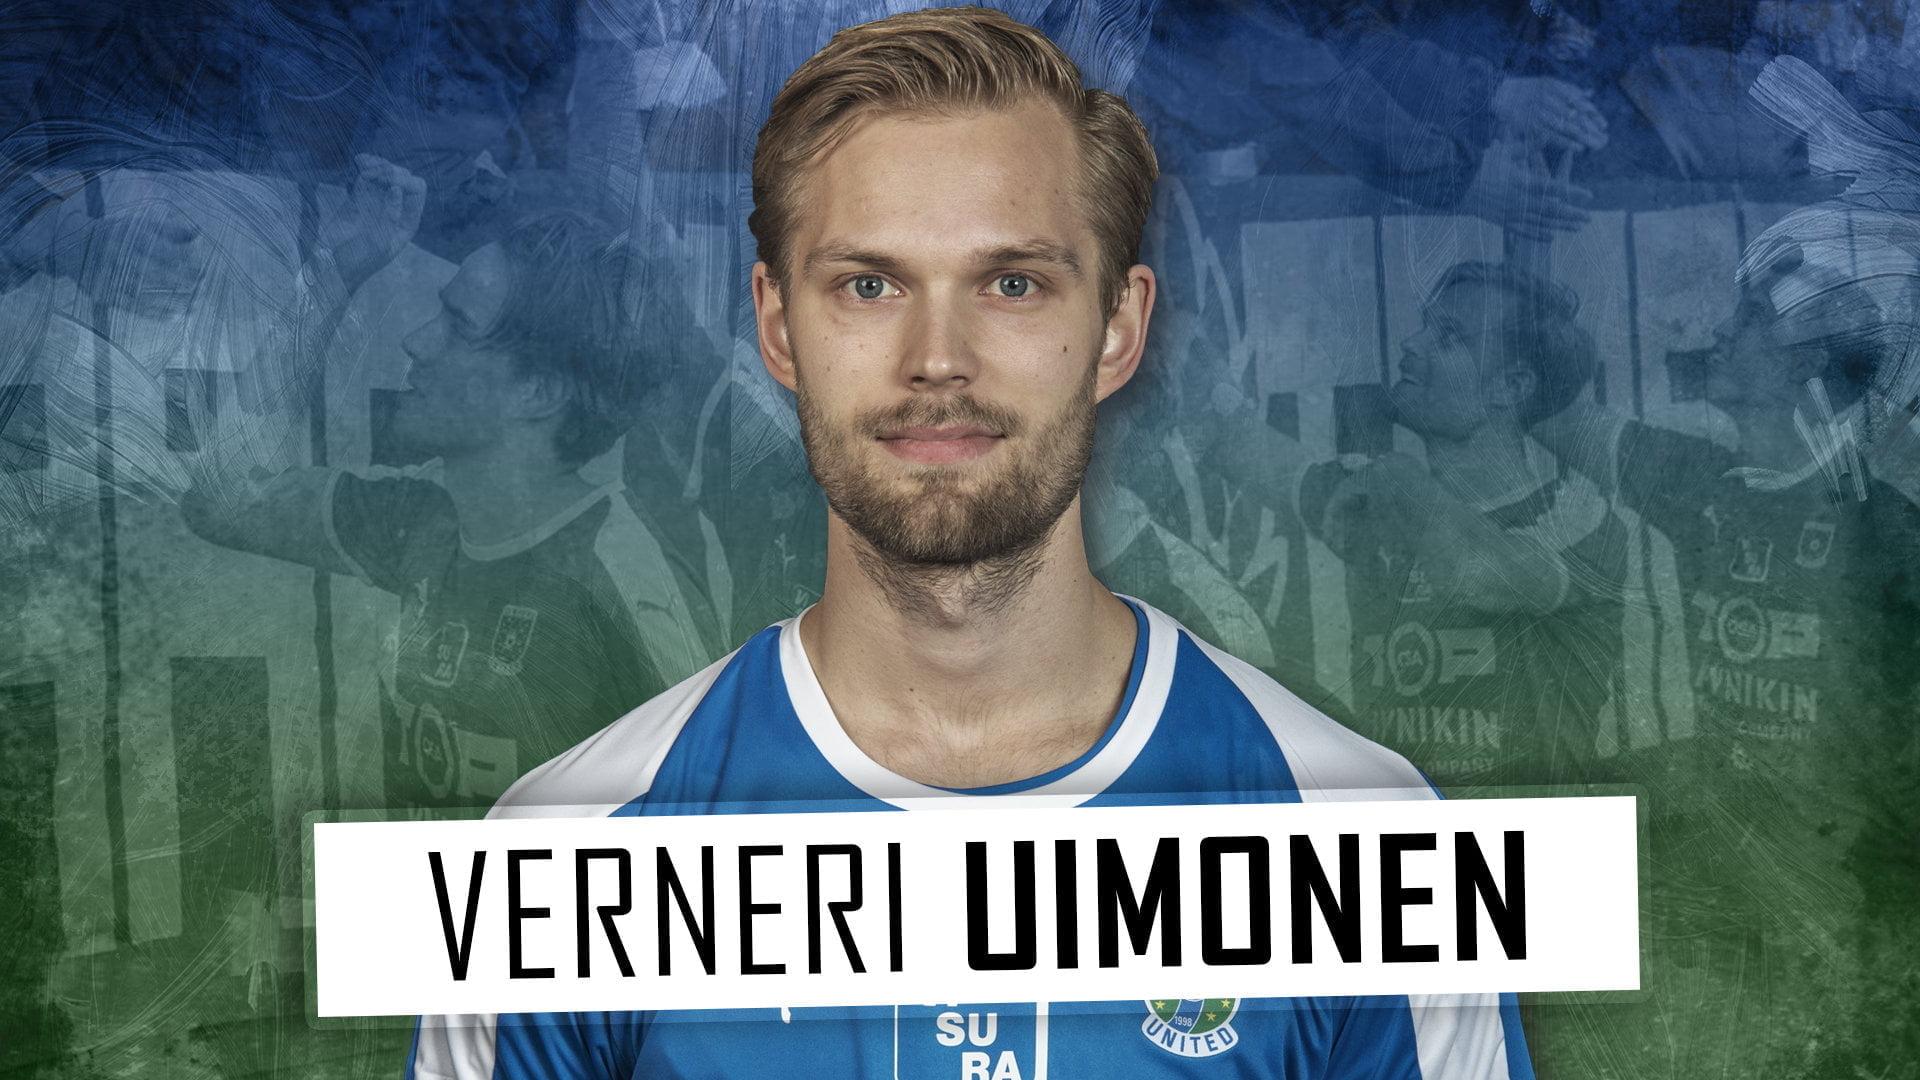 Verneri Uimonen jatkaa TamUssa 1+1-vuotisella sopimuksella -uutiskuva